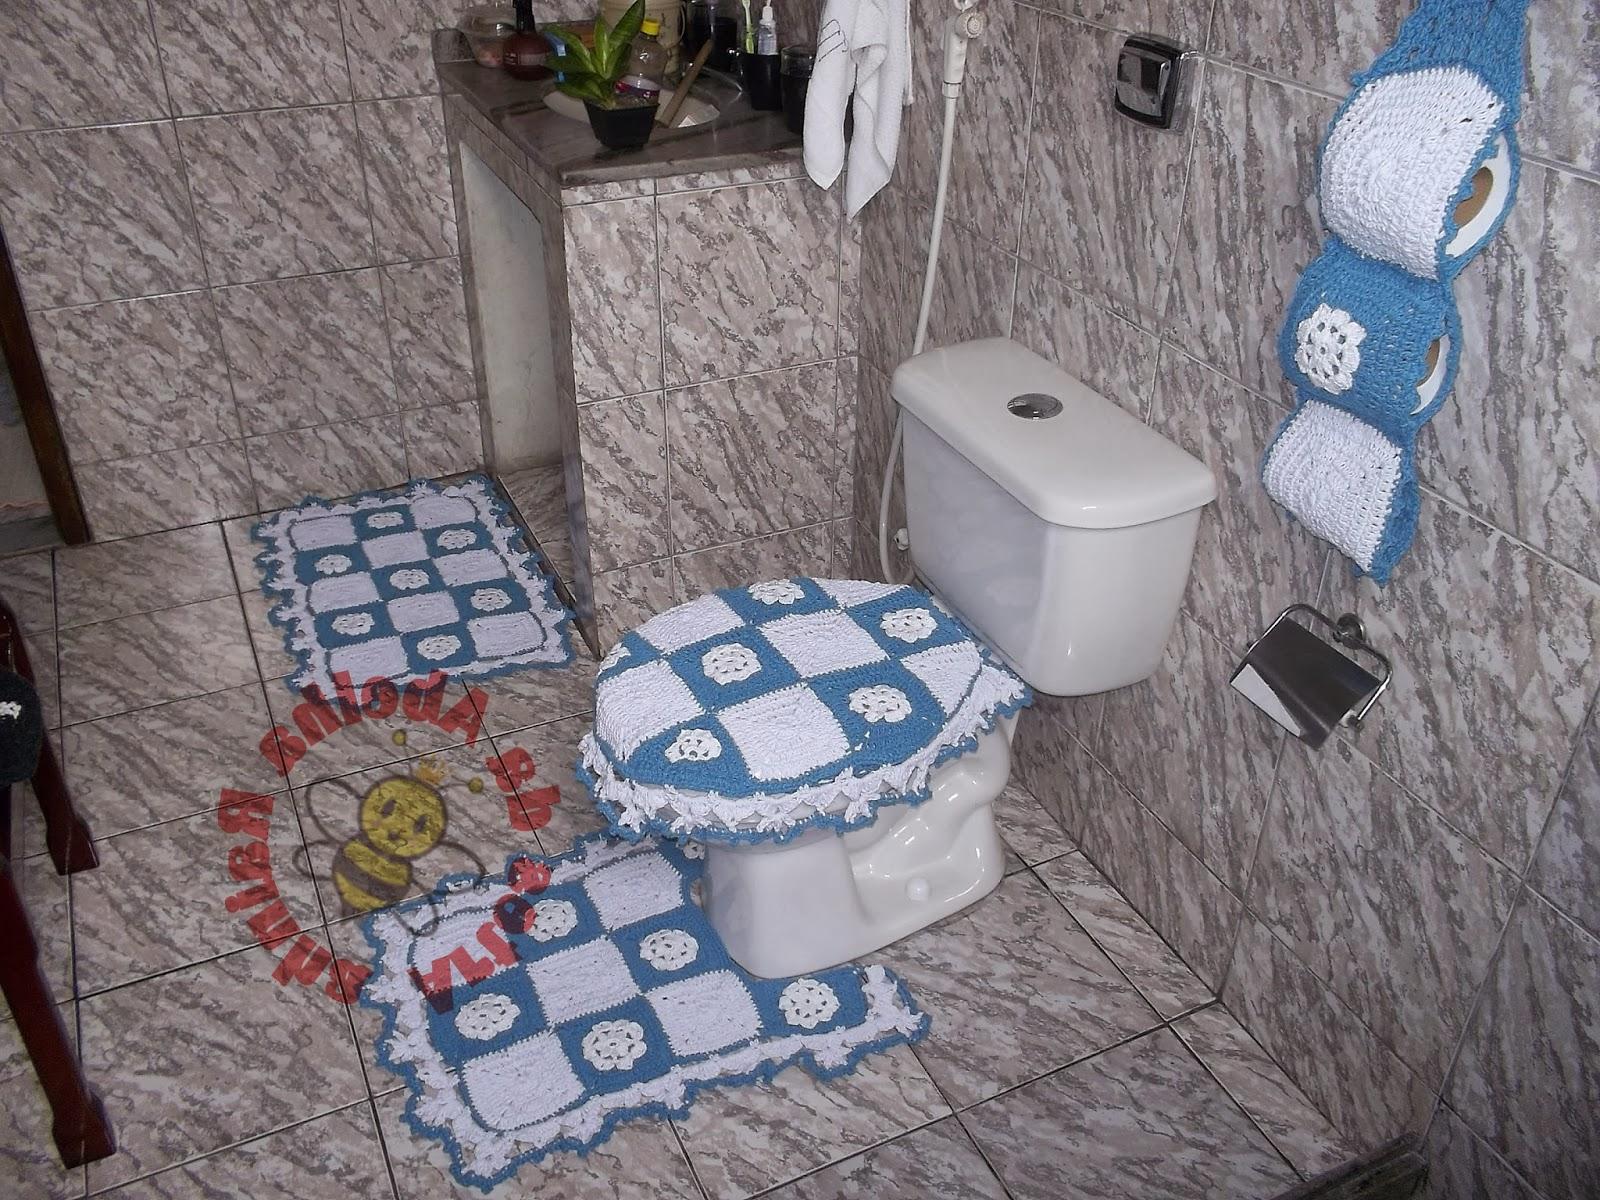 Rainha: Jogo de banheiro em crochê com gráfico (azul e branco #436488 1600x1200 Banheiro Azul E Branco